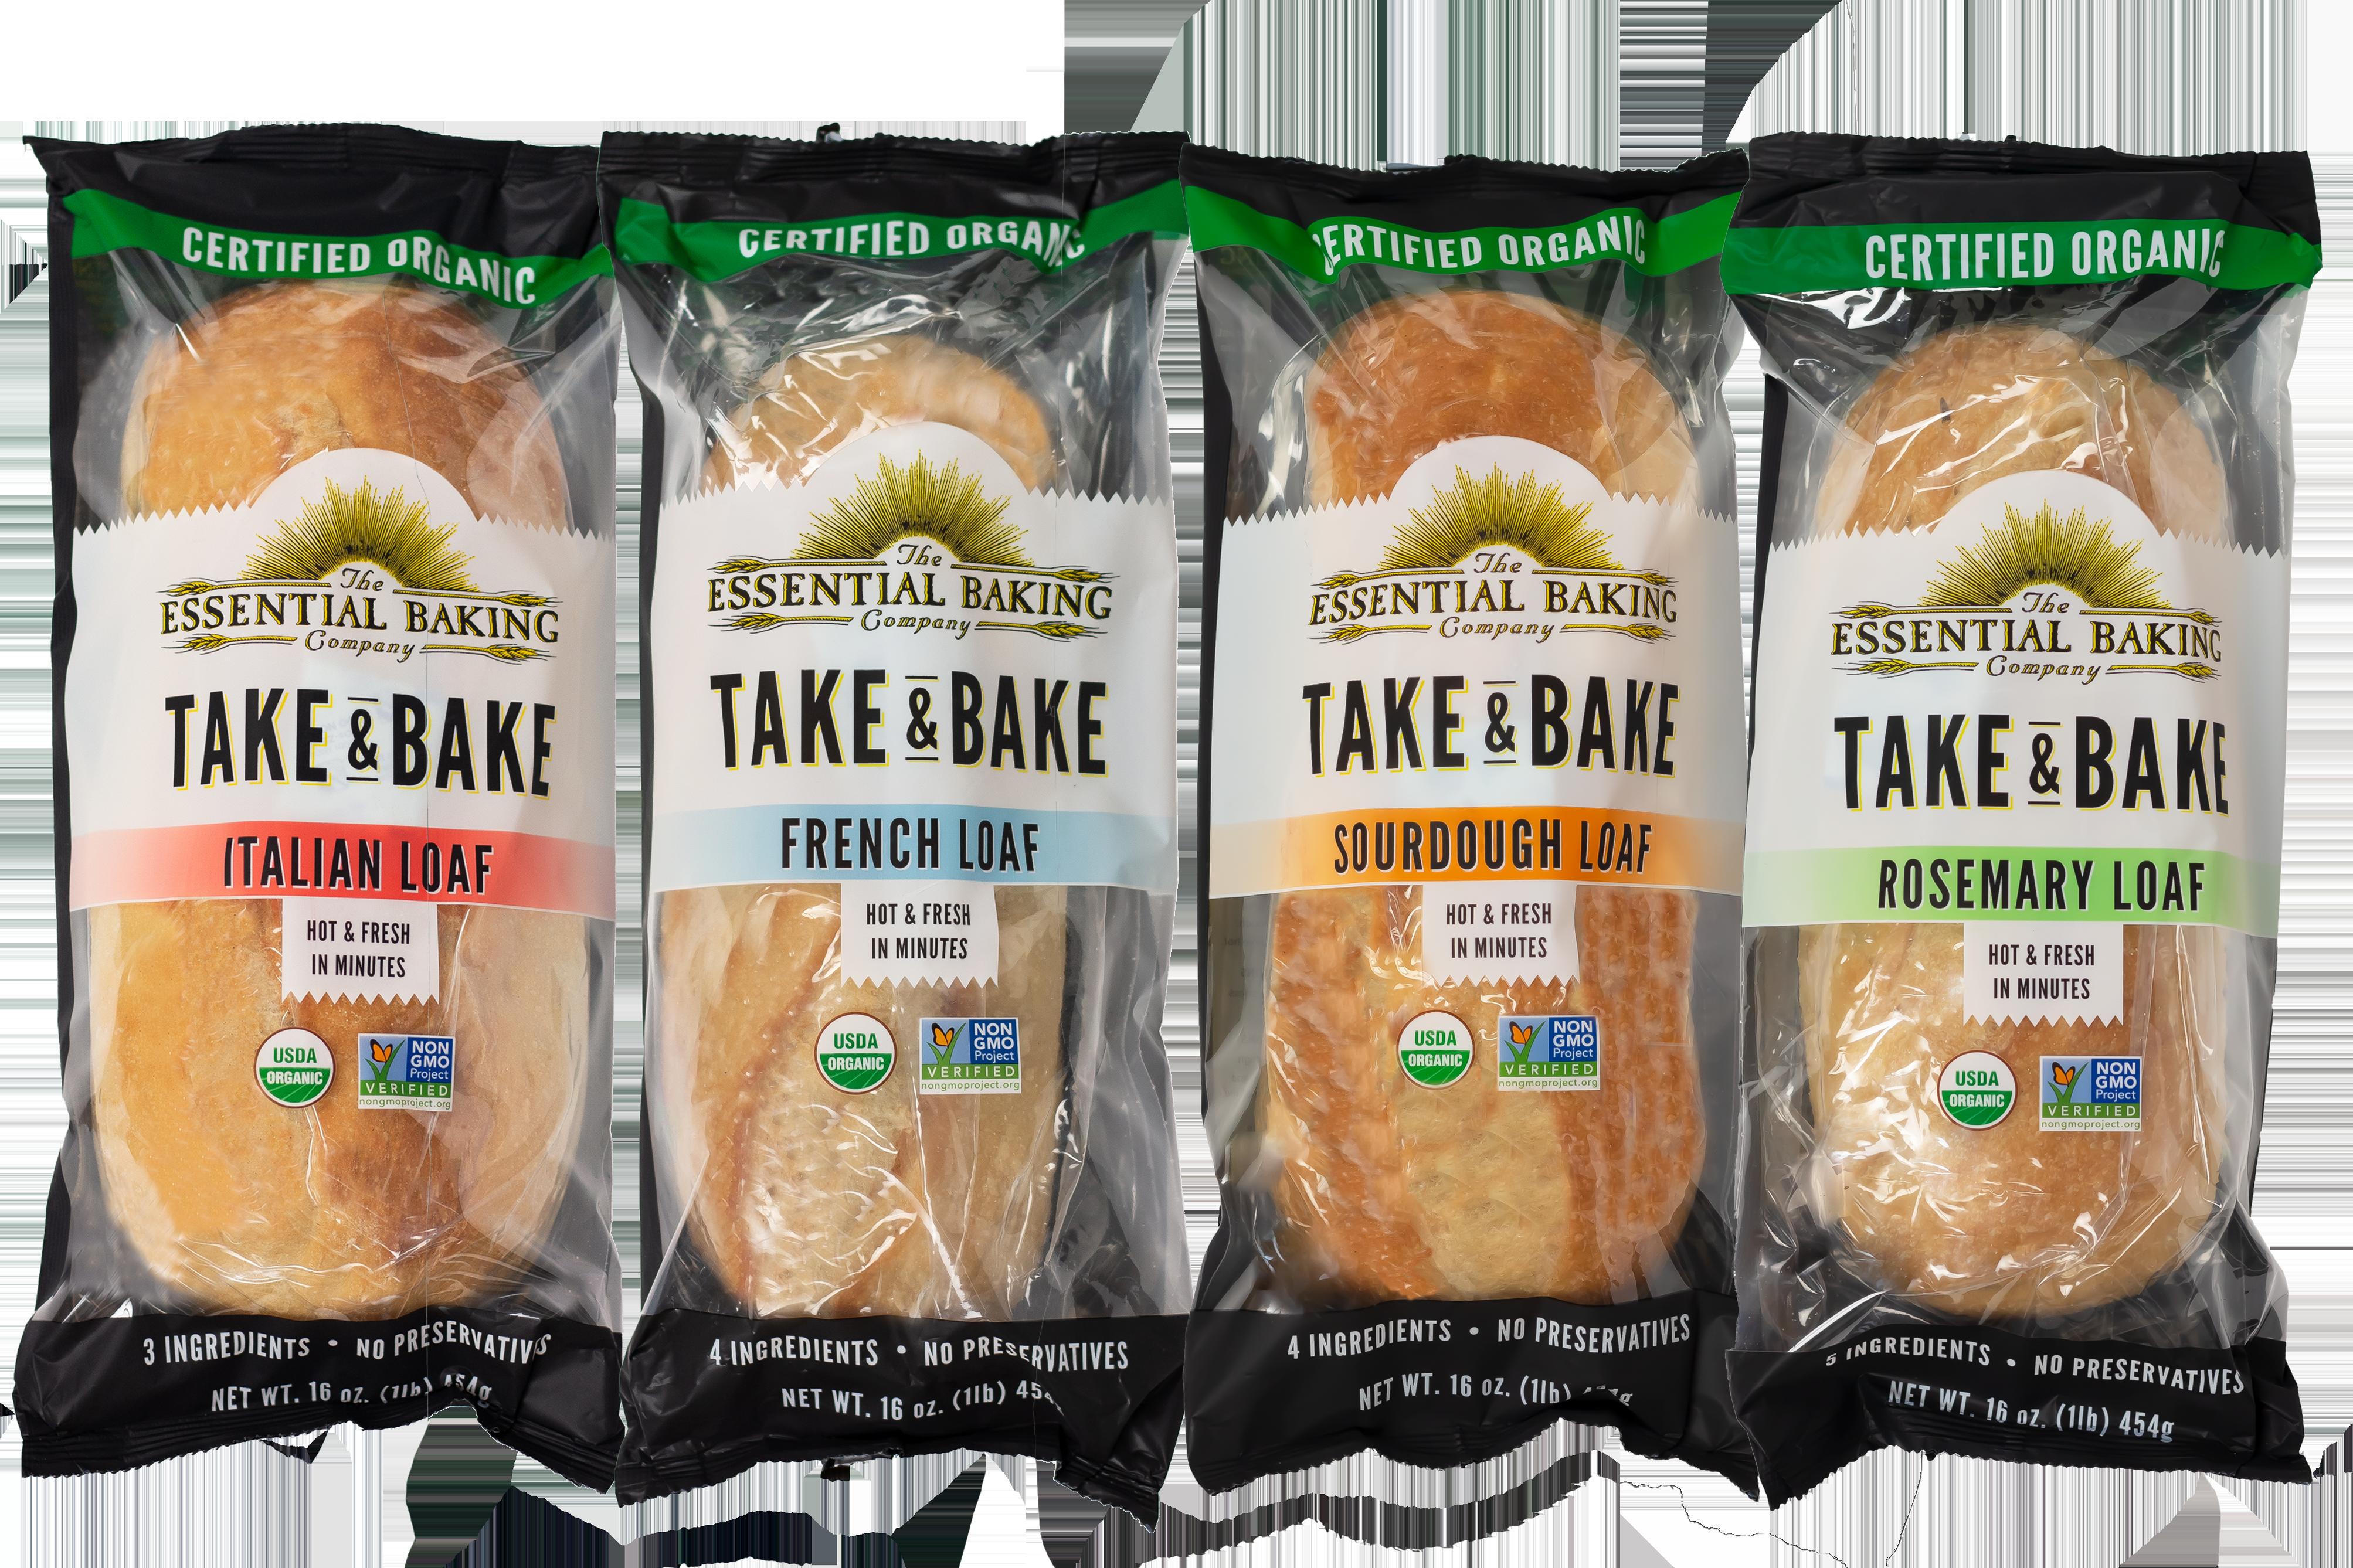 Take & Bake Variety Pack